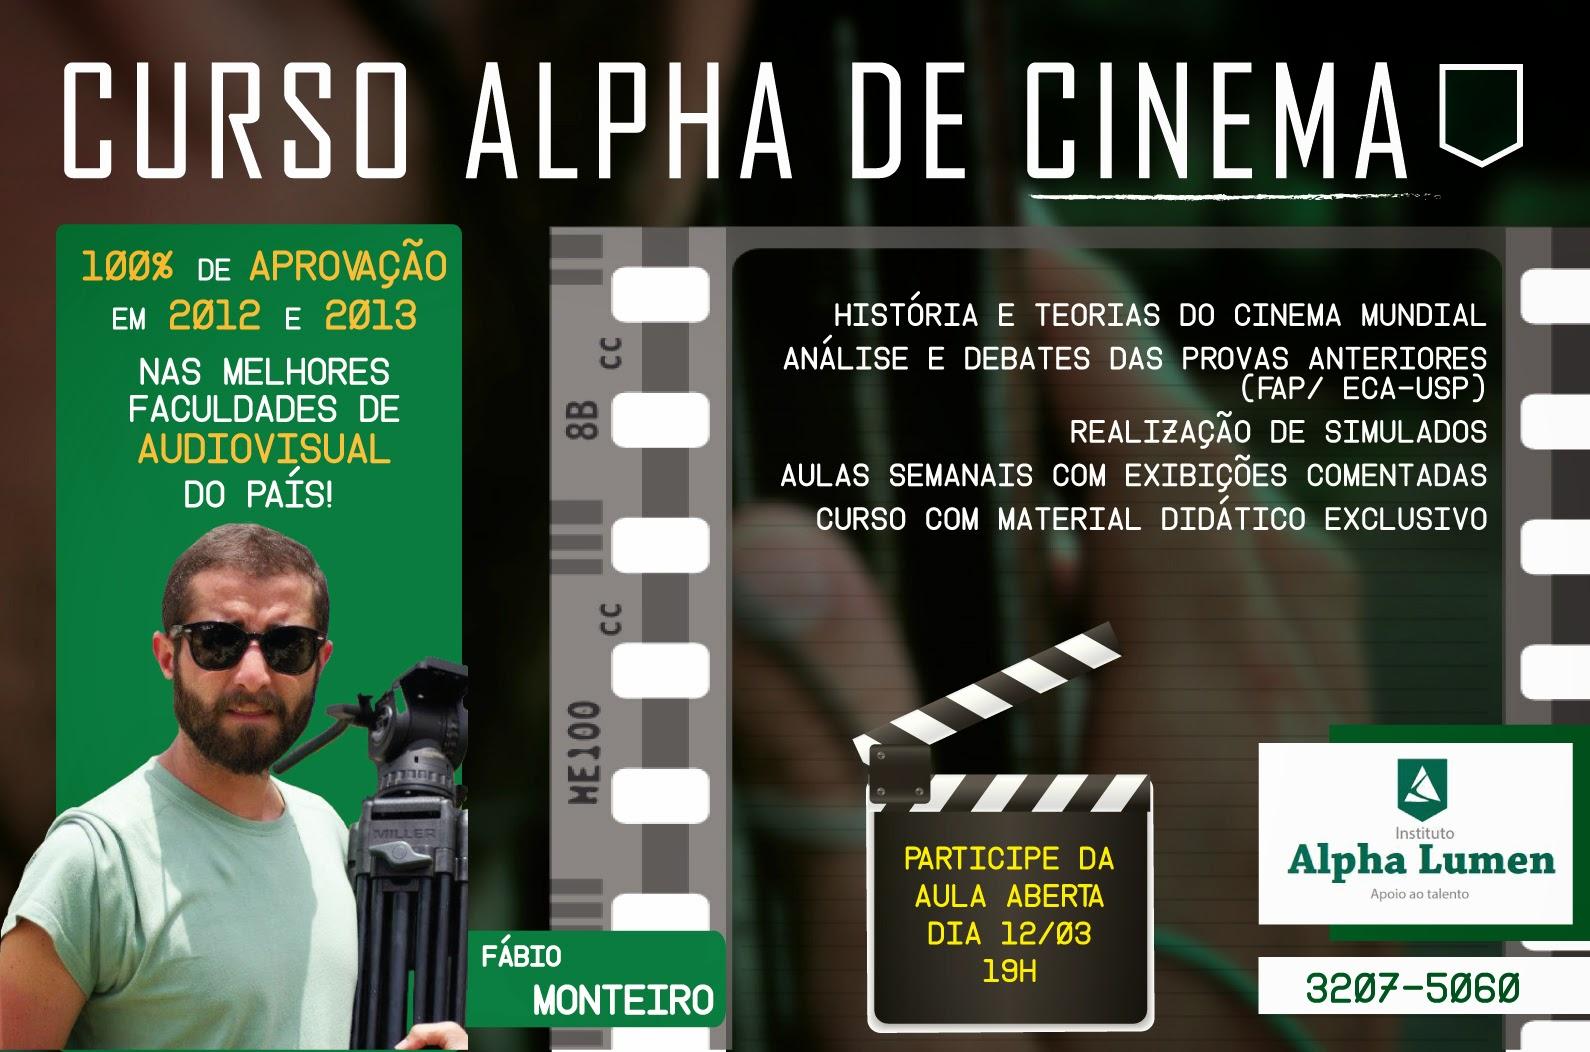 Curso Alpha de Cinema